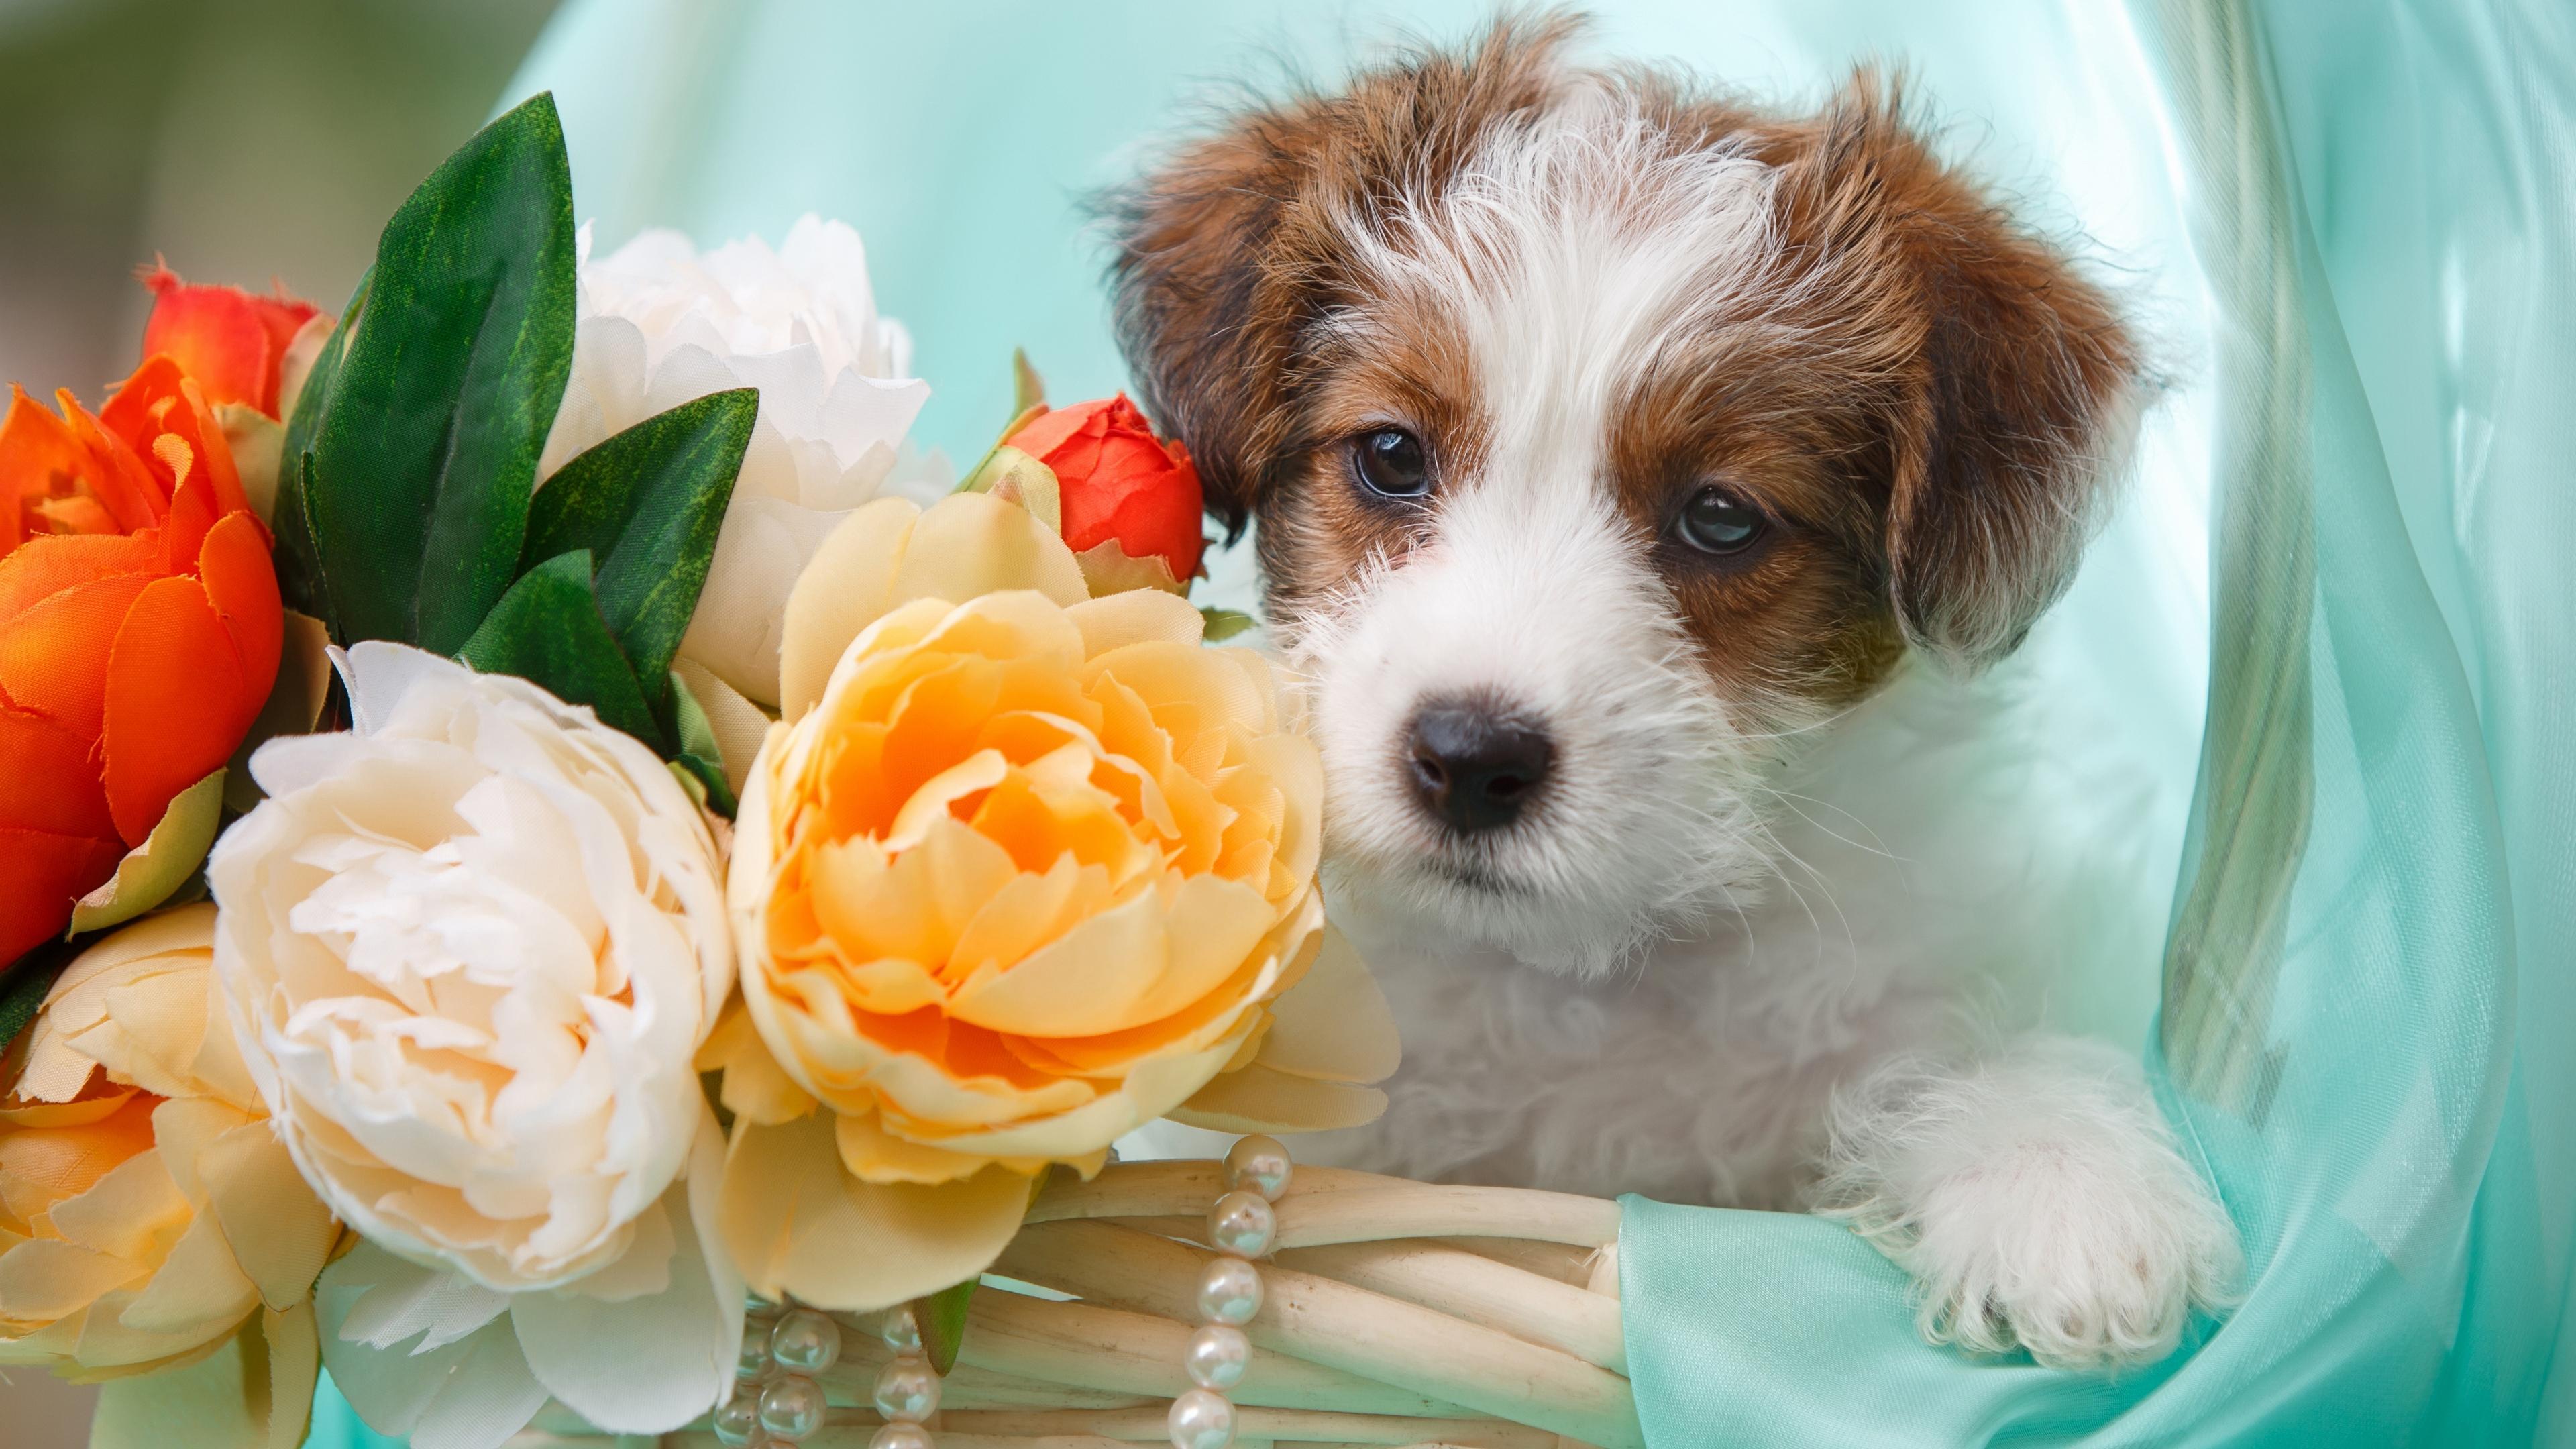 Милый пушистый щенок и букет цветов